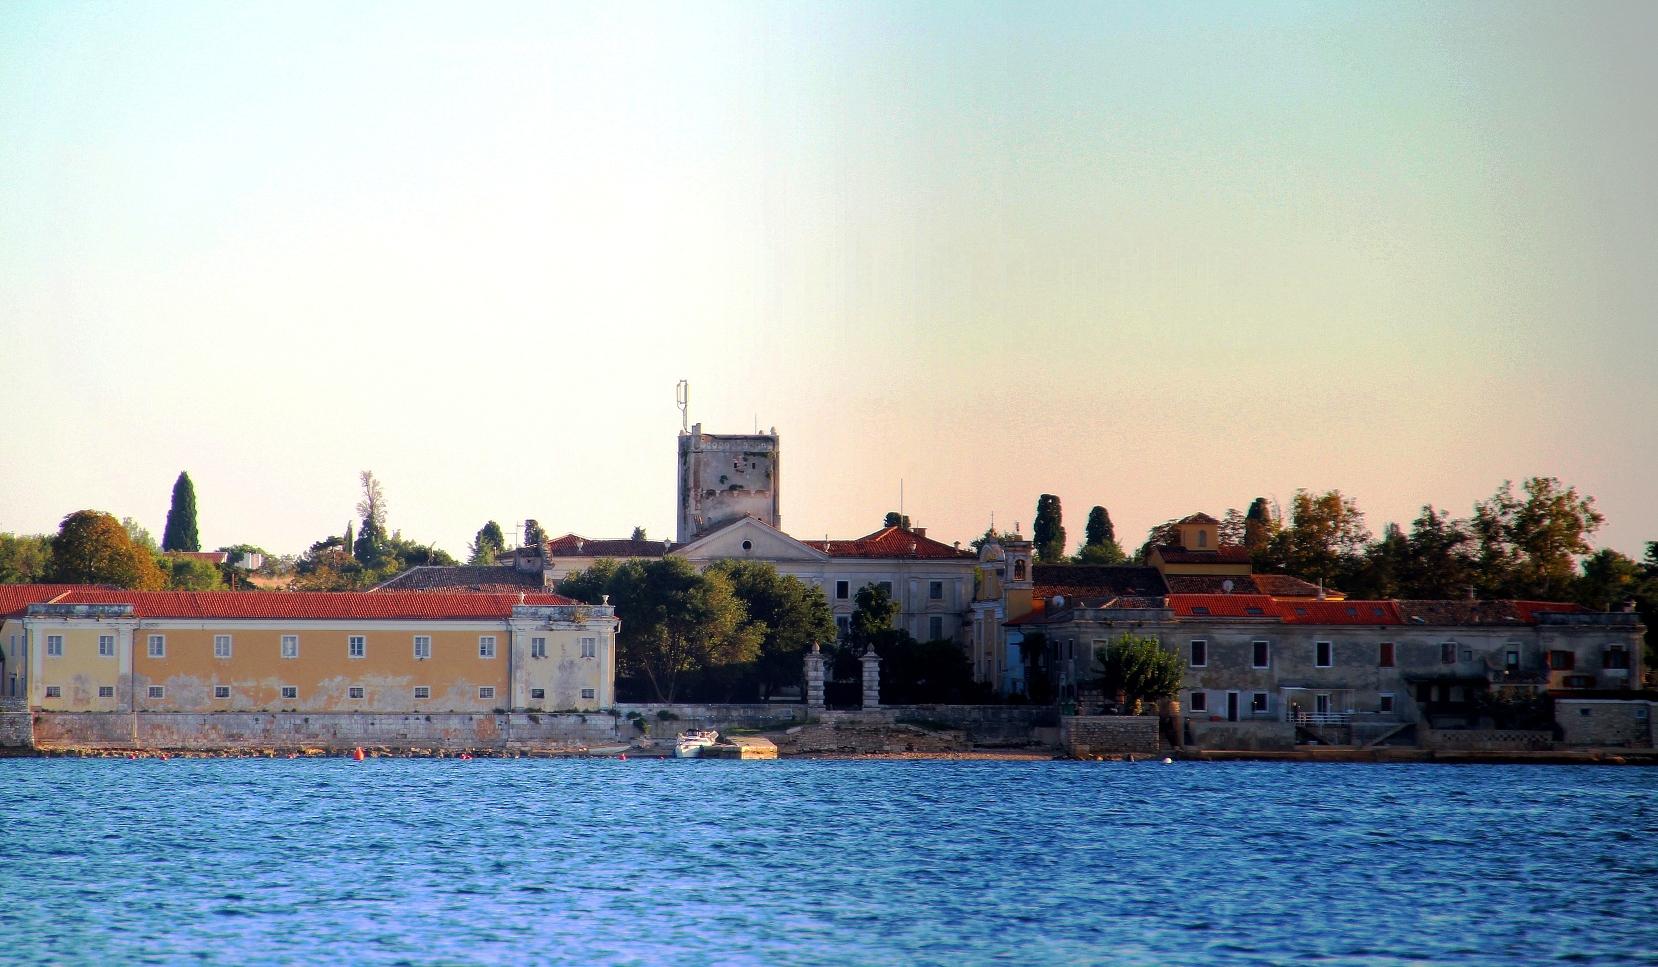 http://www.novigrad.hr/predstavljanje_diplomskih_radova_marine_paoleti_kristine_kulishi_i_emili_me